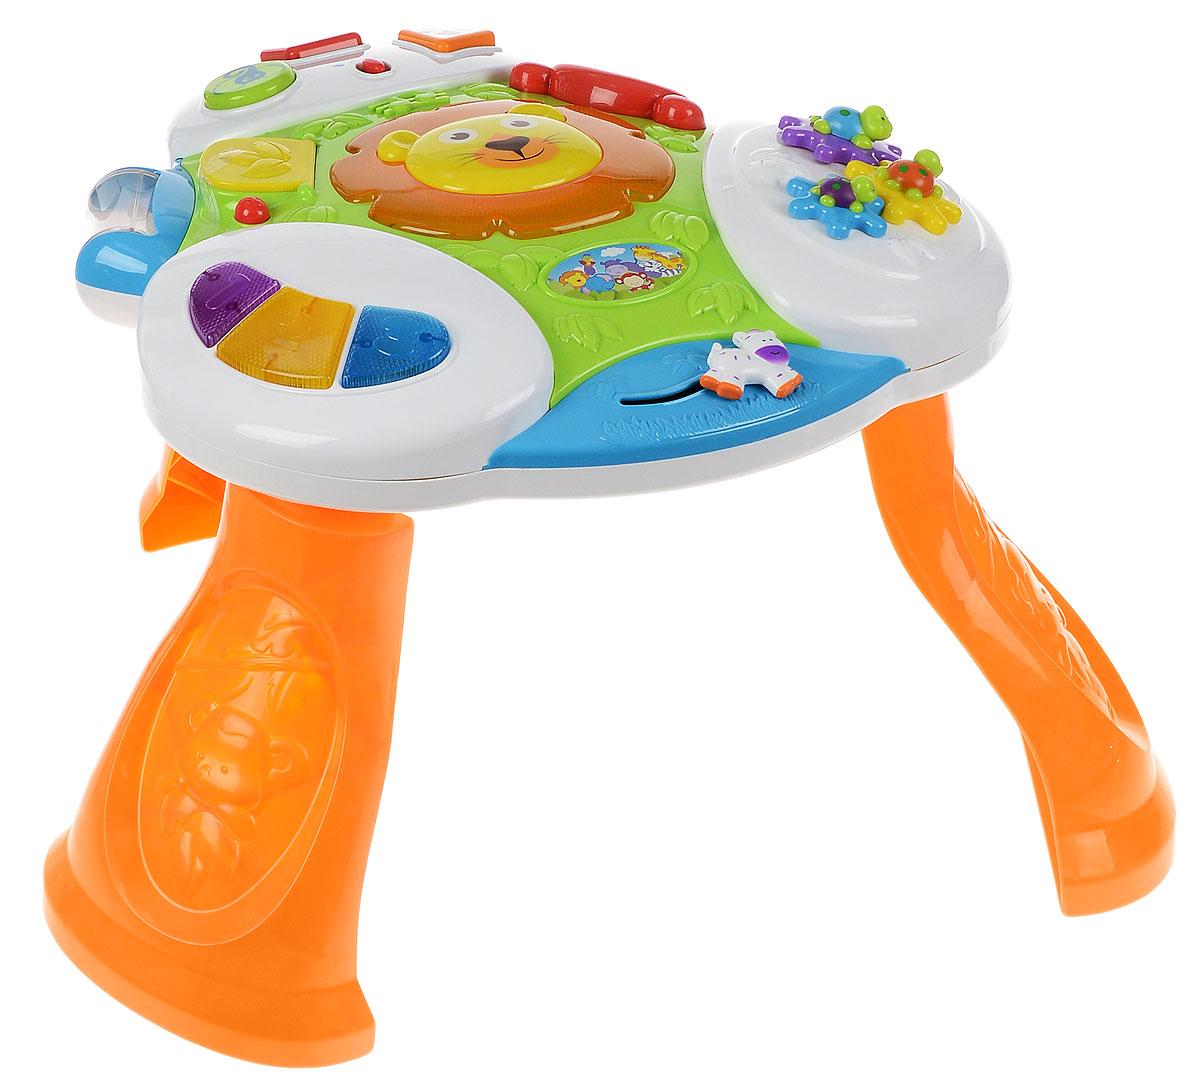 Kiddieland Развивающая игрушка Интерактивный столKID 050138Яркая развивающая игрушка Kiddieland Интерактивный стол обязательно порадует малыша приятными мелодиями, веселым мерцанием и забавными звуками. Множество интерактивных заданий расположилось на всей поверхности стола. Это и яркое пианино с тремя разноцветными клавишами, и прозрачный ролик-погремушка с шариками внутри, и фигурка зебры, которая двигается, издавая громкий треск. Стол оборудован безопасным зеркальцем в виде головы мишки. В центре поместился улыбающийся львенок, нажав на которого можно услышать веселую мелодию и полюбоваться на мерцание гривы. На одной из сторон расположились черепашки-шестеренки и кольца с разнообразной фактурой для развития мелкой моторики. На другой стороне стола вмонтированы геометрические фигуры с нарисованными животными, при нажатии на которые слышится их голос. И еще: окошко для игры в прятки и слайдер-зебра. Игрушка оборудована специальными съемными ножками из прочного пластика. Игрушка способствует развитию мелкой моторики,...